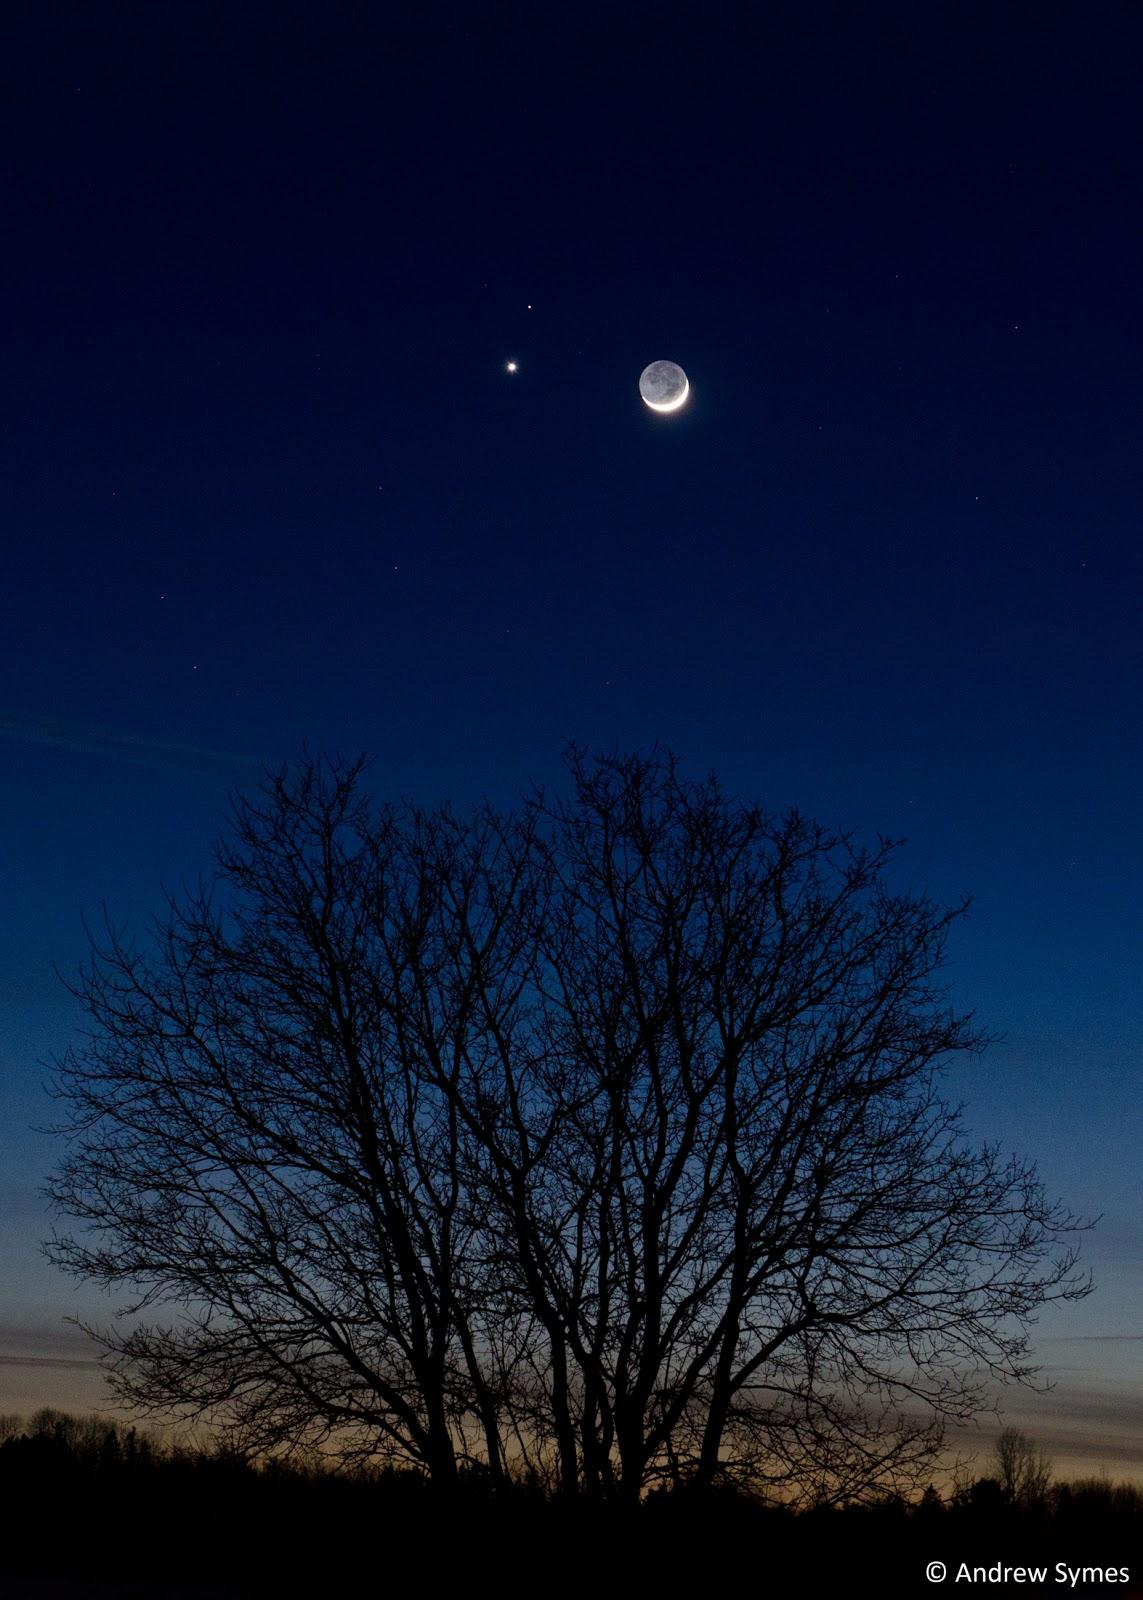 Trăng non đầu tháng cùng với hành tinh Kim và hành tinh Hỏa giao hội với nhau vào chiều 20 tháng 2 năm 2015 vừa qua. Tác giả : Andrew Symes.